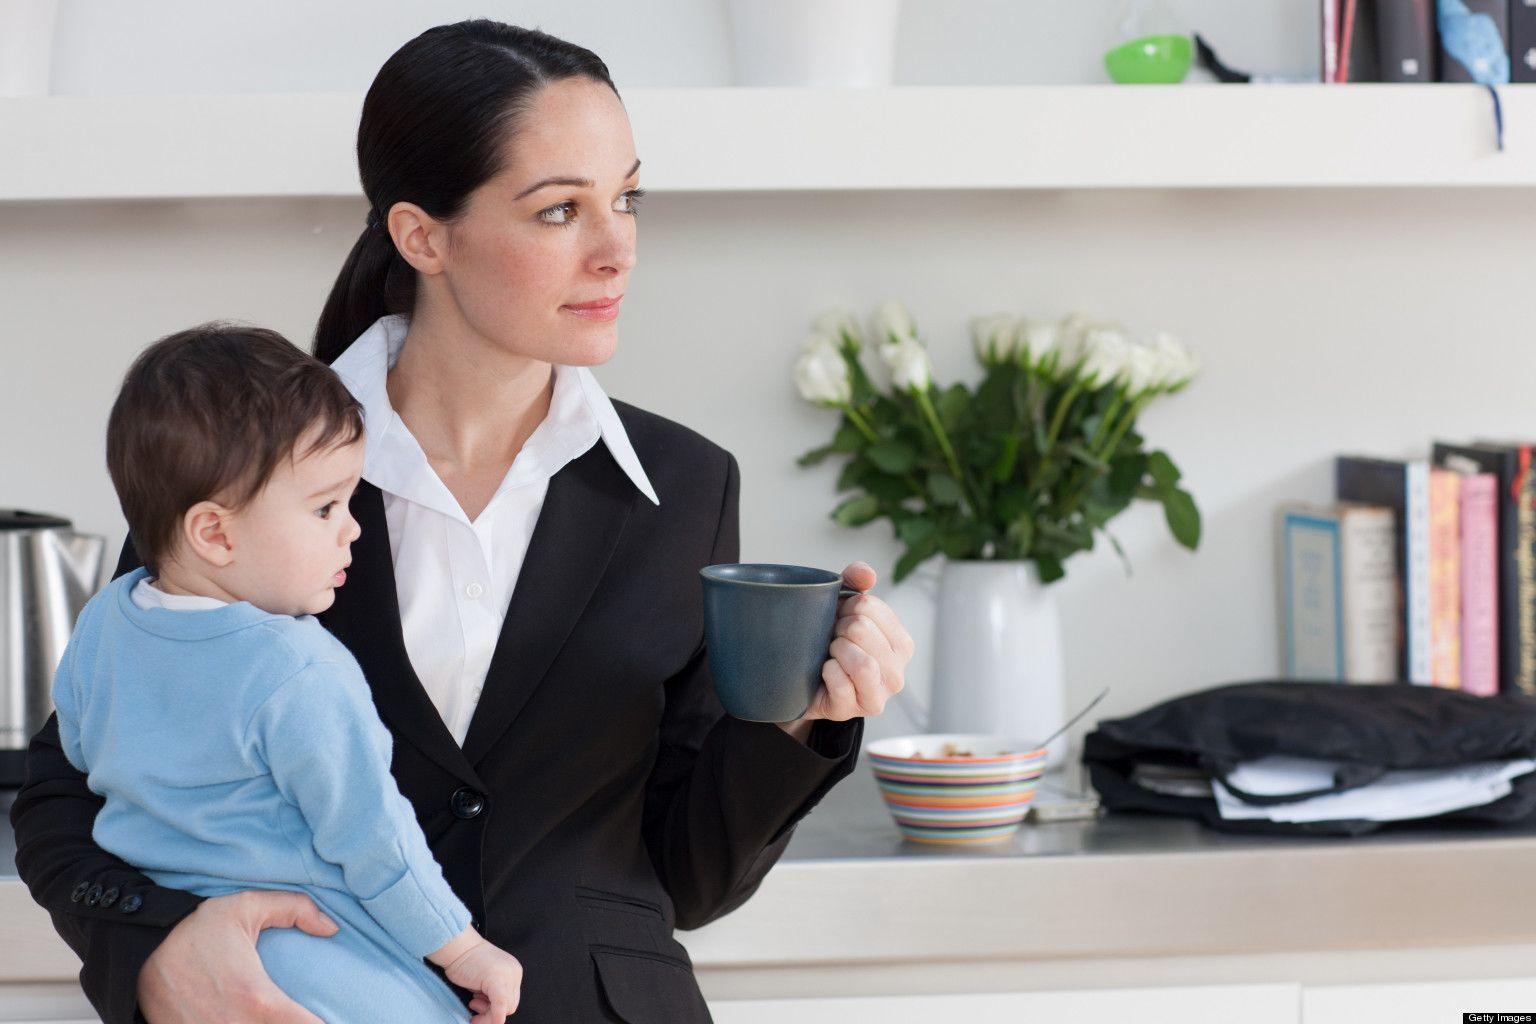 Mengerjakan Pekerjaan Rumah bersama si Kecil